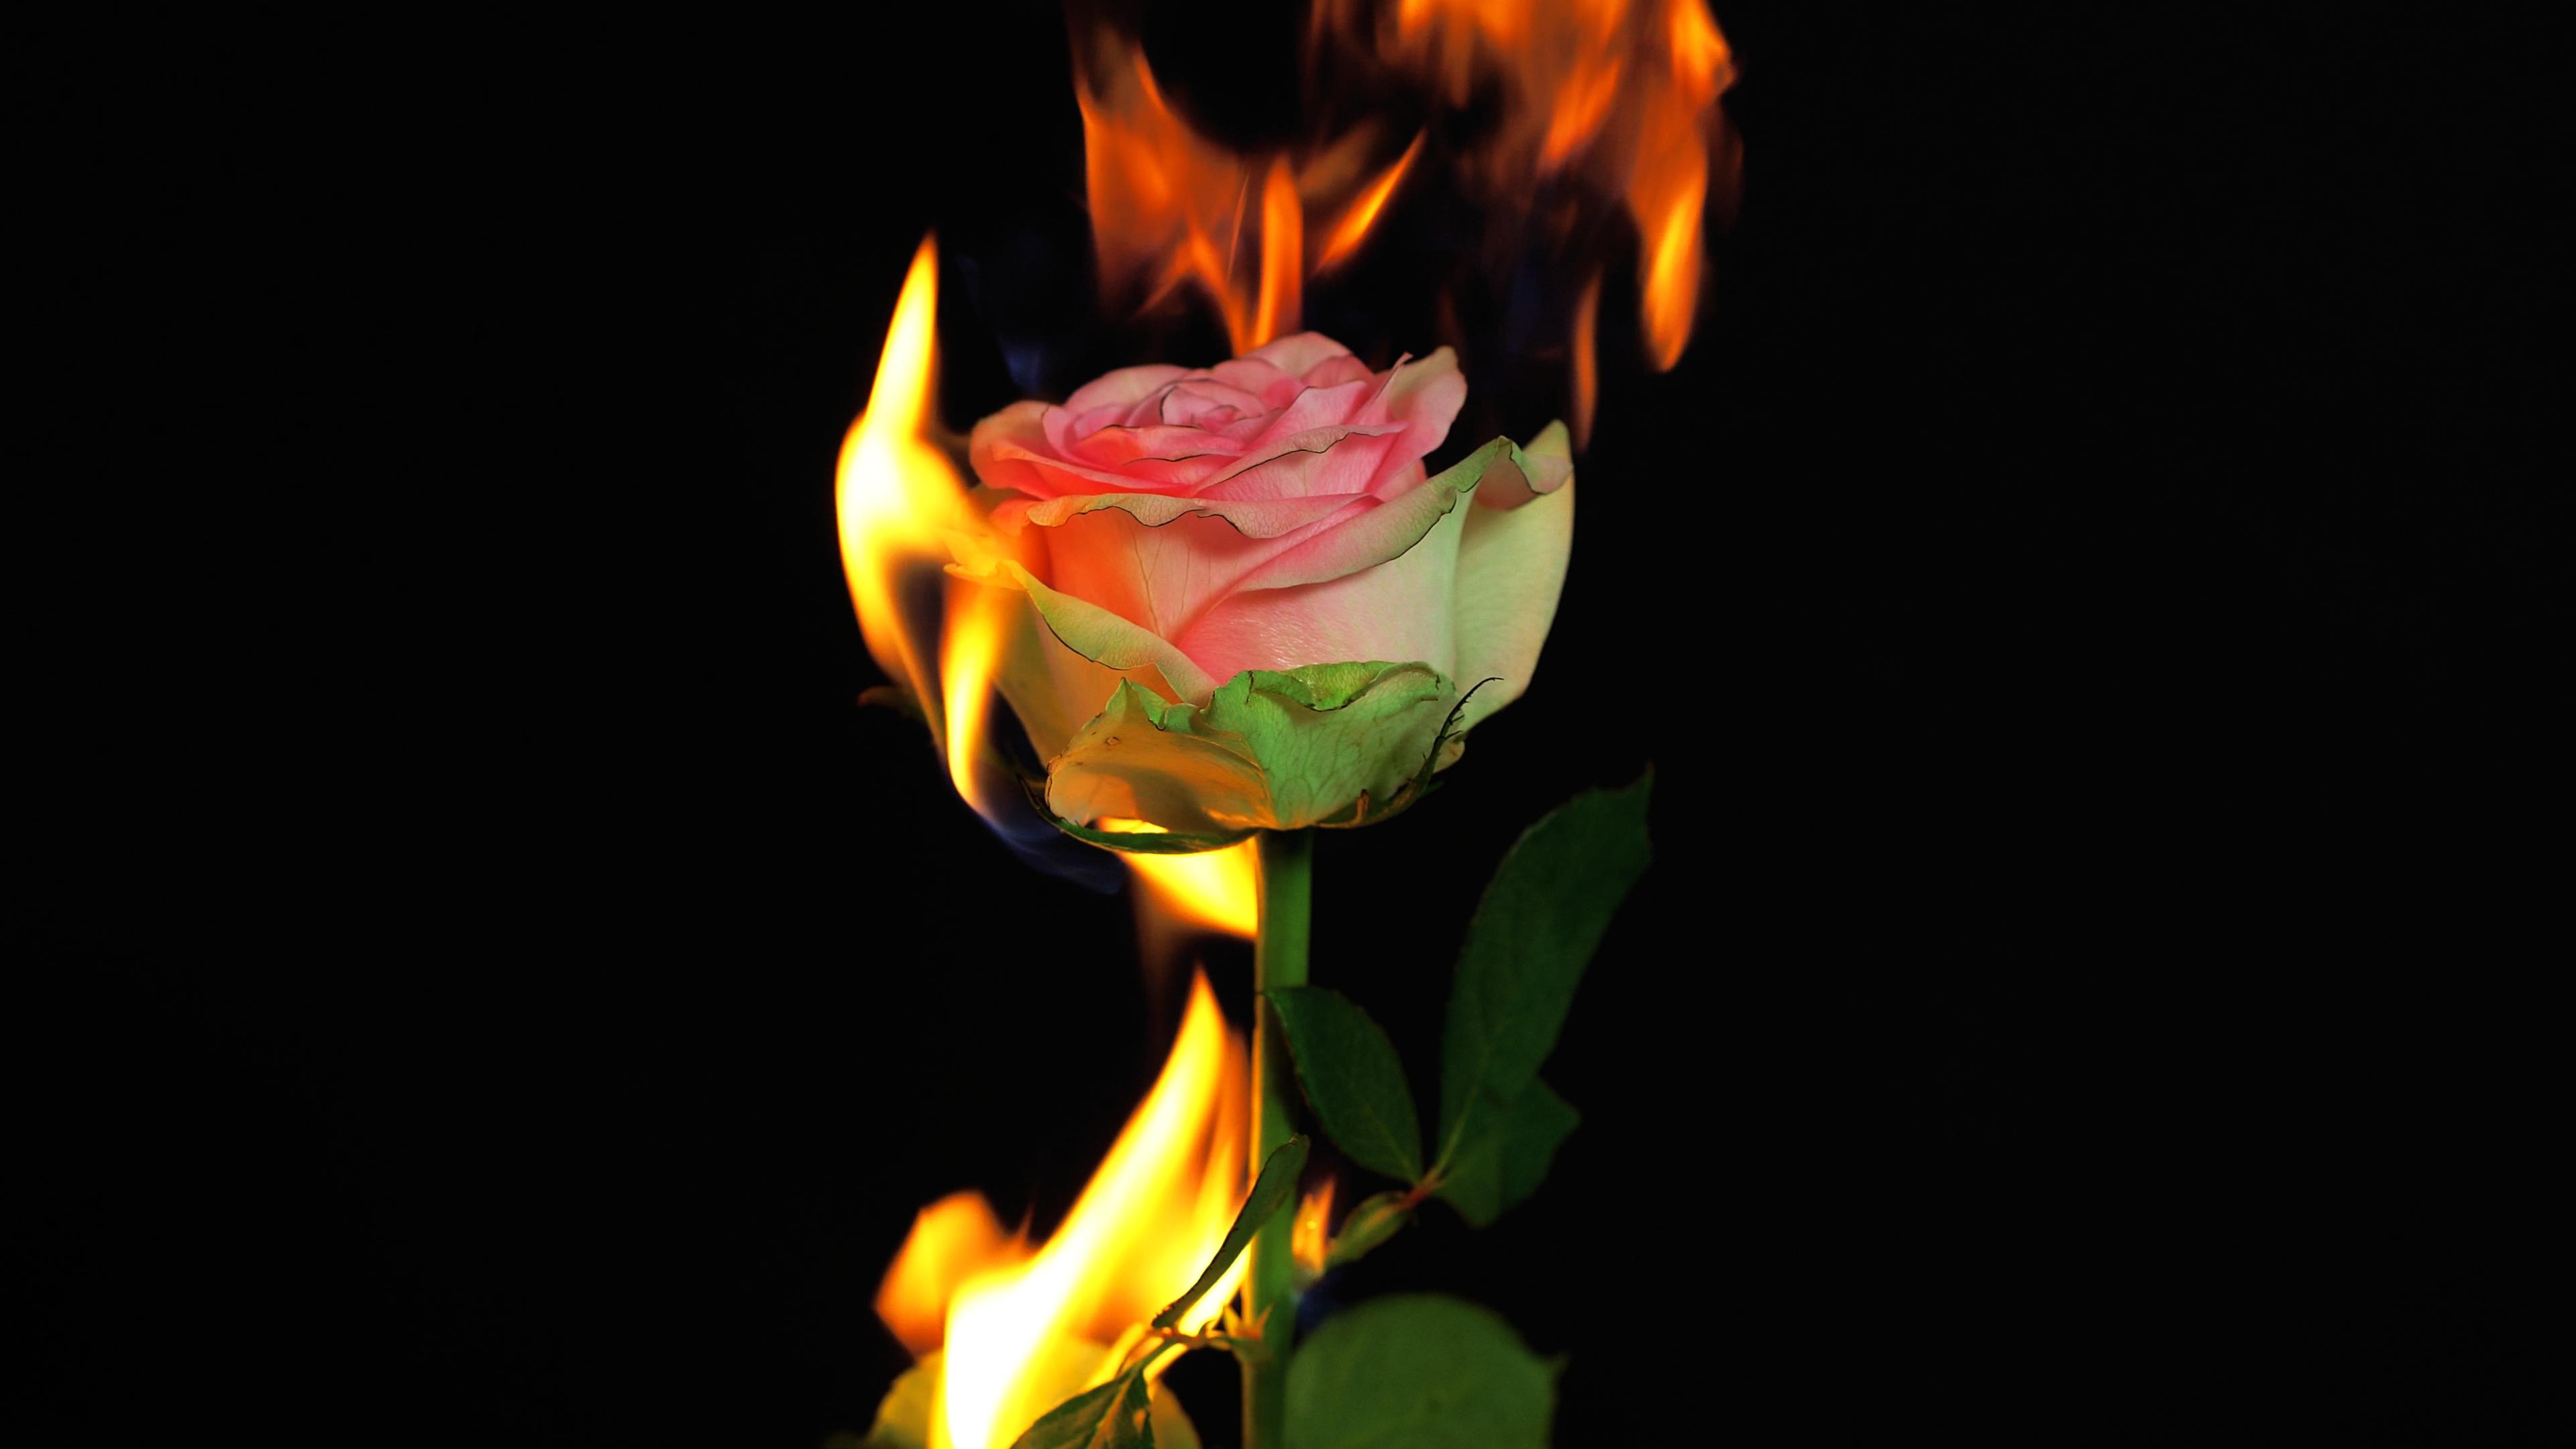 уже картинки розы и огонь человек